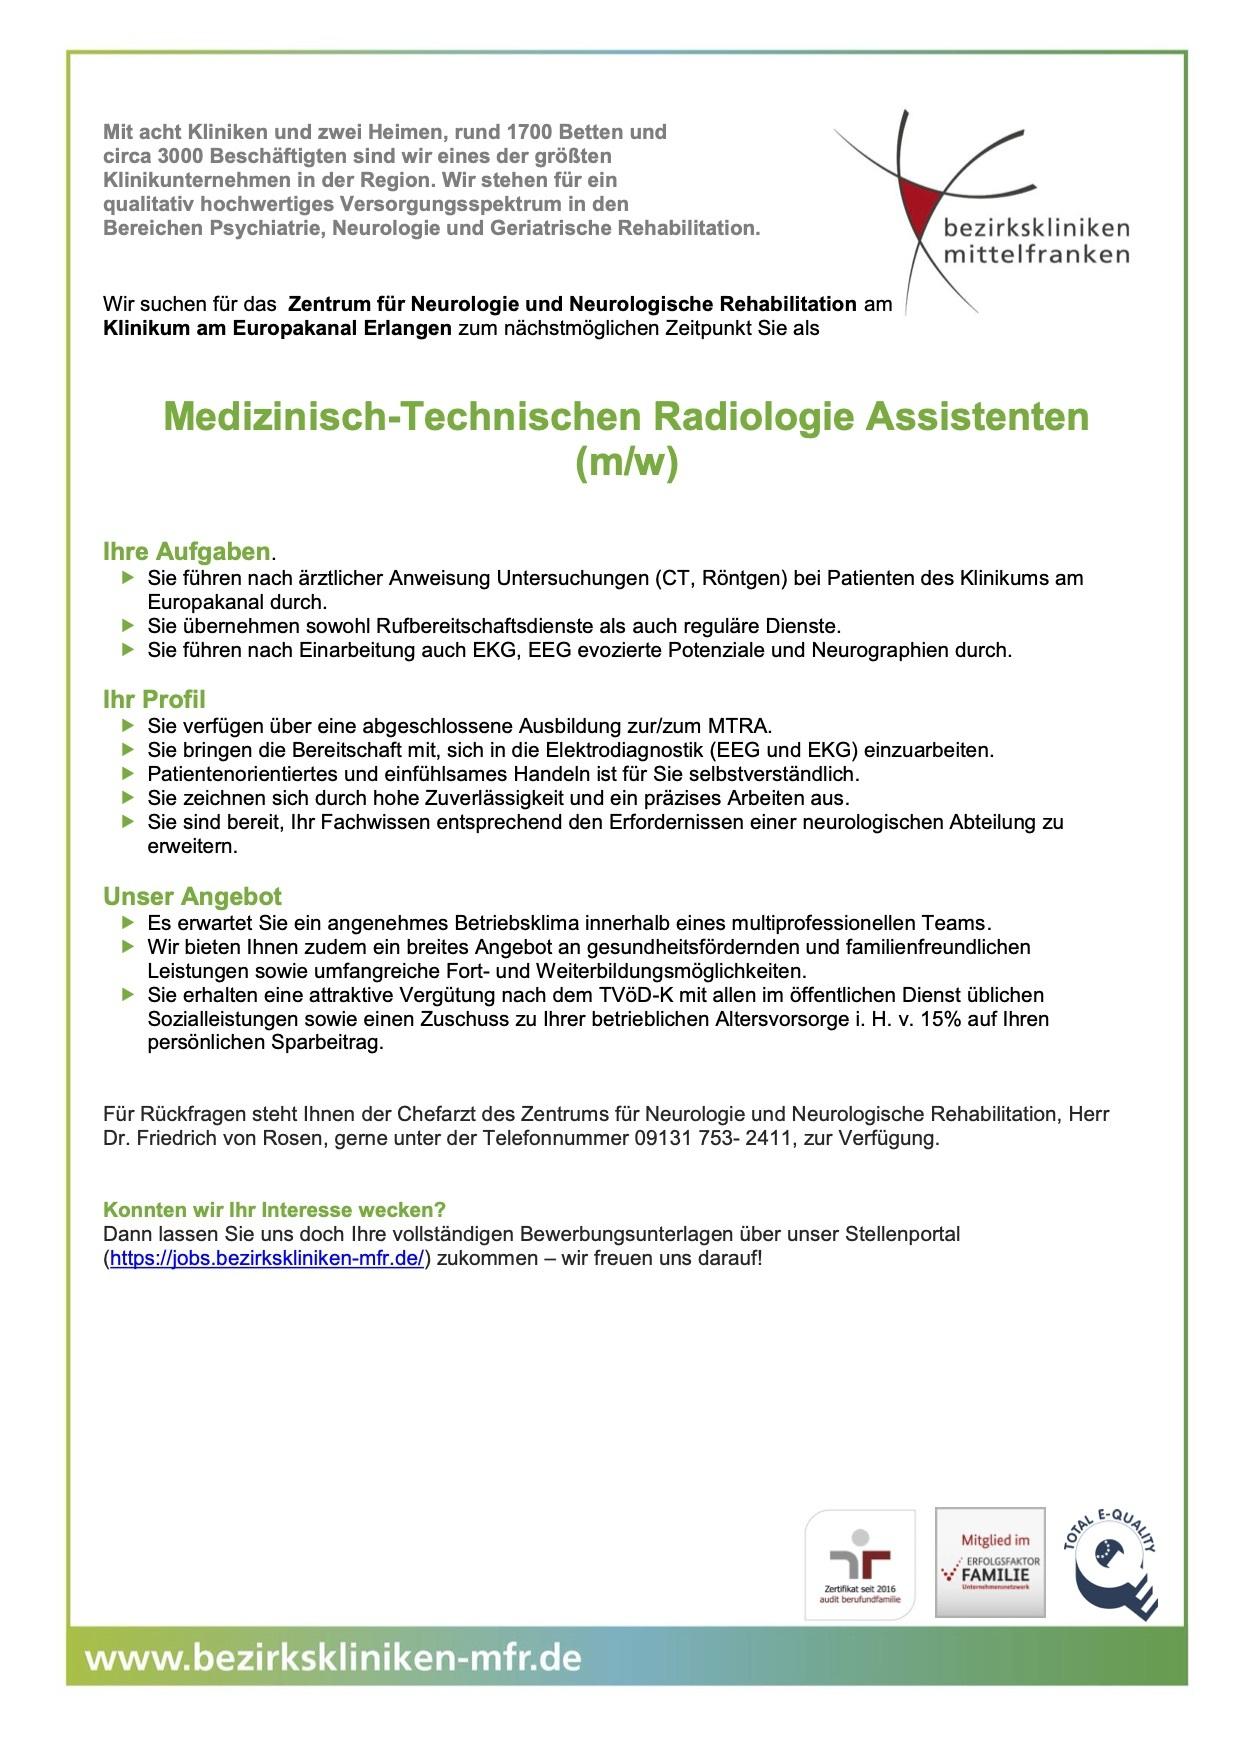 Medizinisch-Technischen Radiologie Assistenten (m/w)